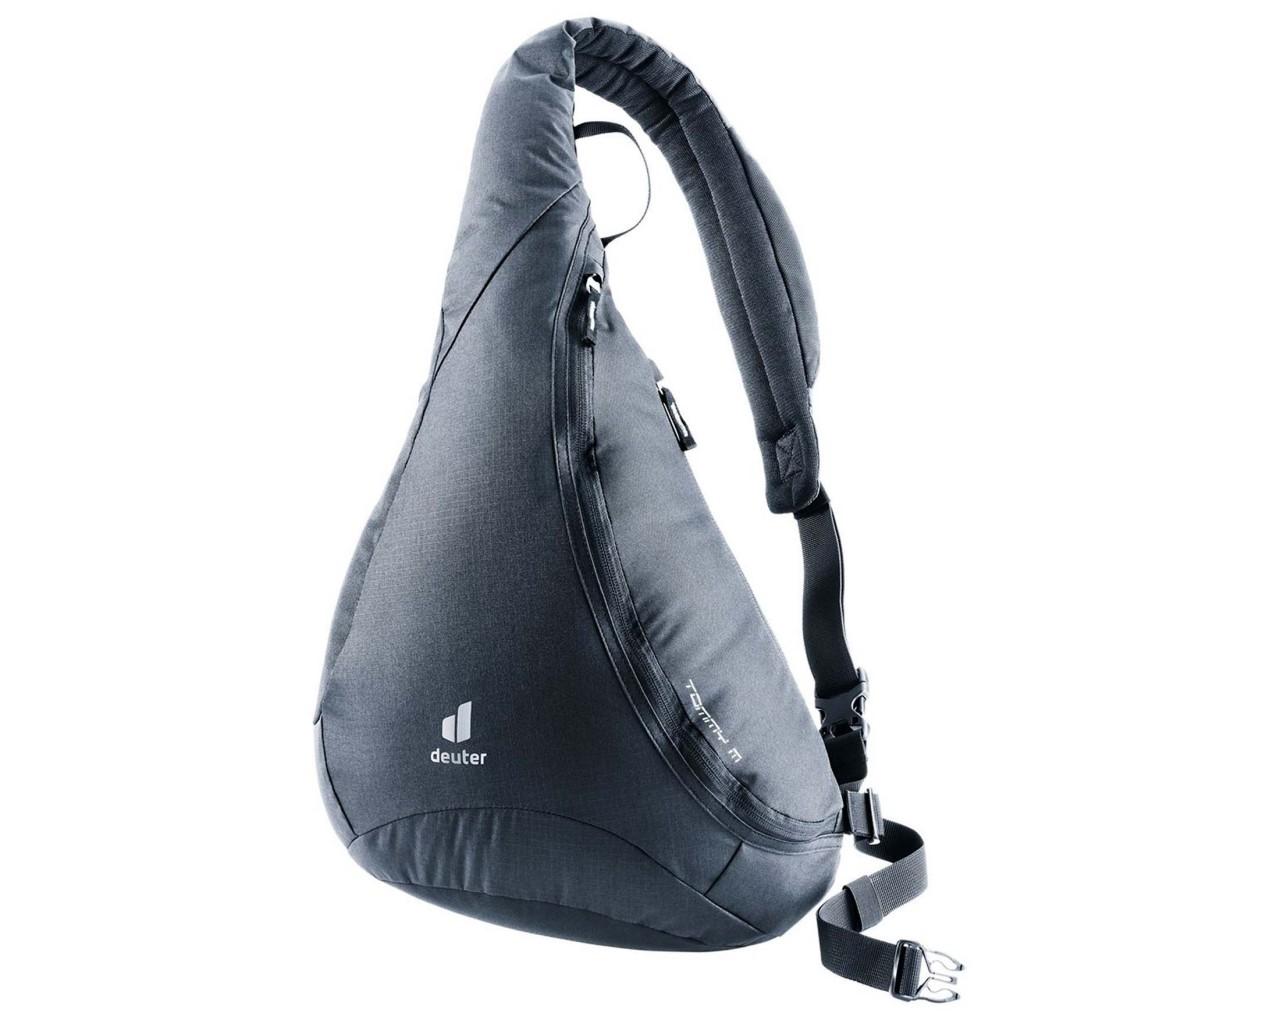 Deuter Tommy M 8 litres shoulder bag PFC-free | black